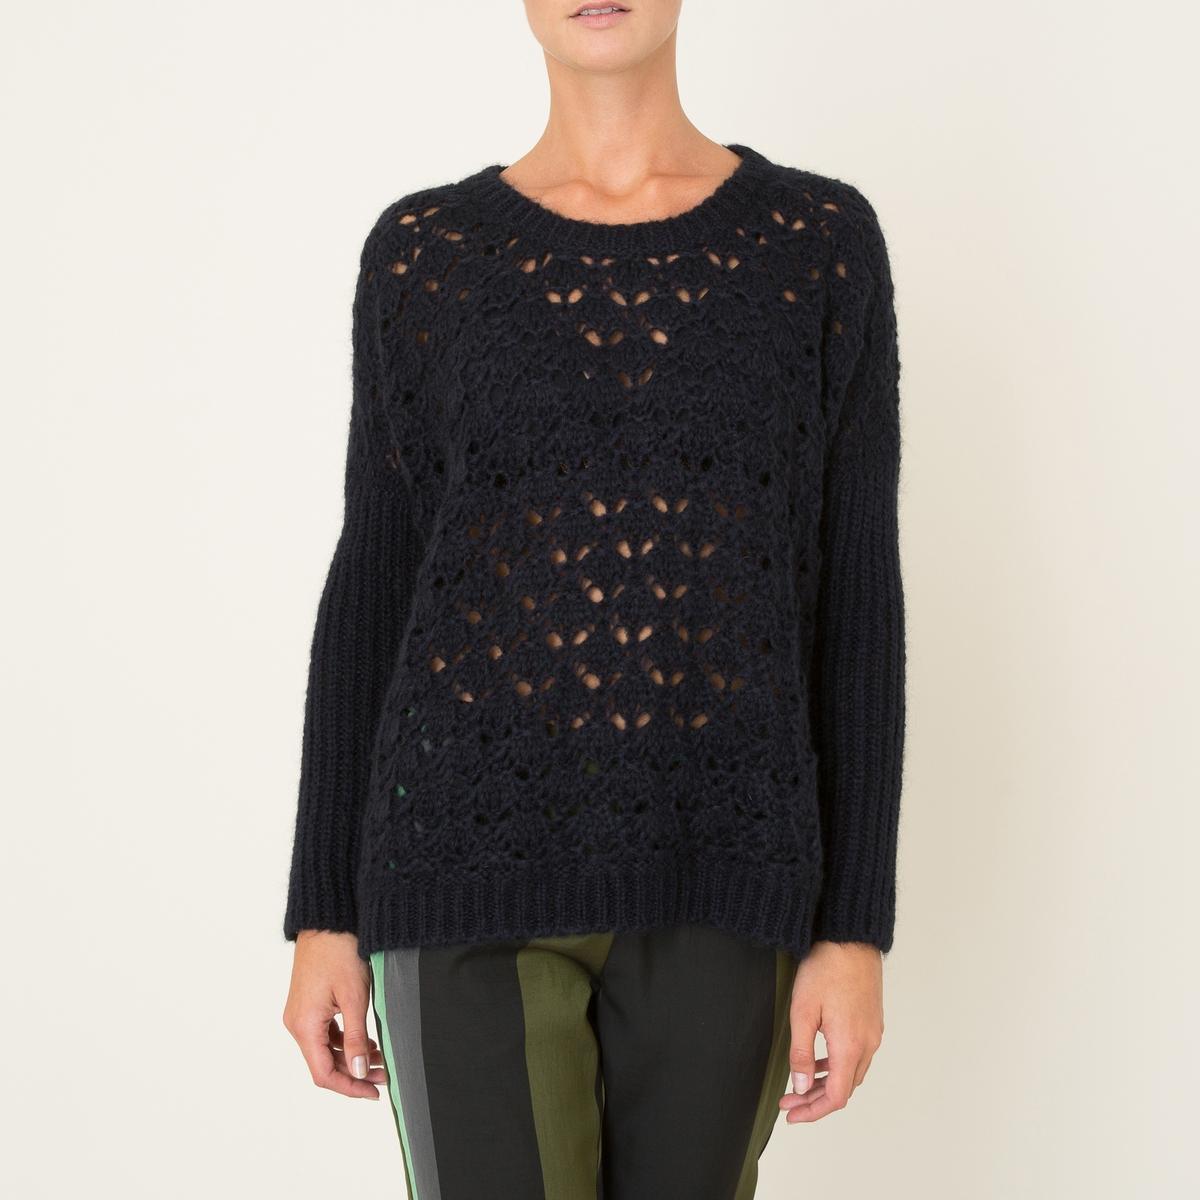 Пуловер из ажурного трикотажаКороткий пуловер STELLA FOREST - из ажурного трикотажа. Круглый вырез. Основная часть из ажурного трикотажа. Прямые длинные рукава из трикотажа в рубчик. Прямой низ в рубчик.Состав и описание Материал : 30% мохера, 38% акрила, 32% полиамидаМарка : STELLA FOREST<br><br>Цвет: темно-синий